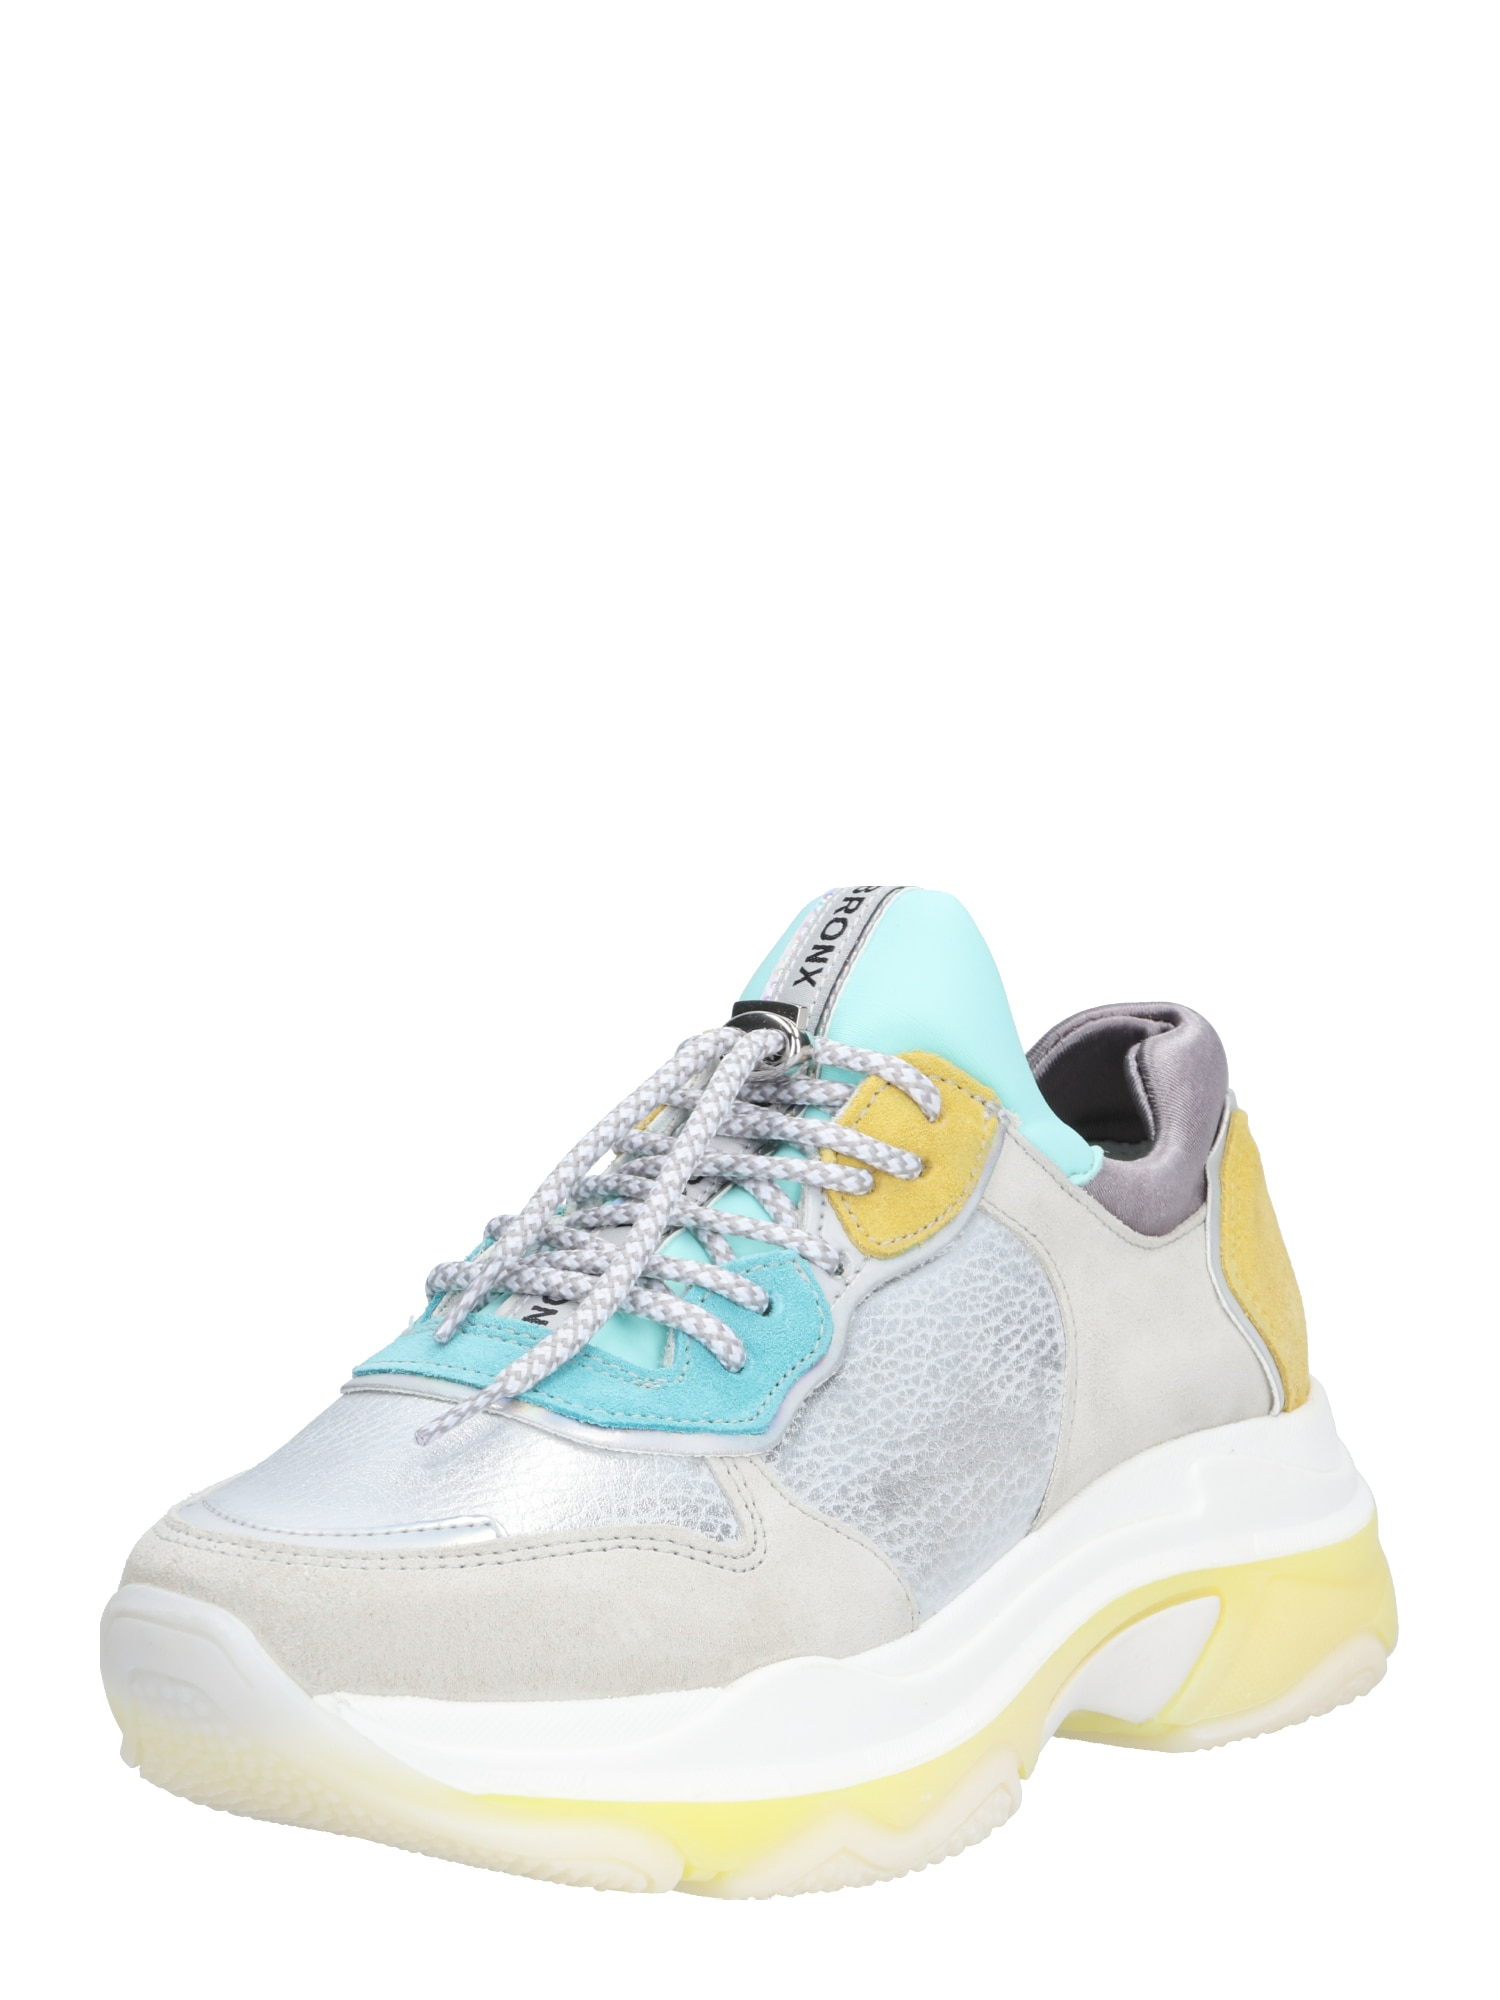 Tenisky Baisley béžová tyrkysová žlutá stříbrně šedá bílá BRONX